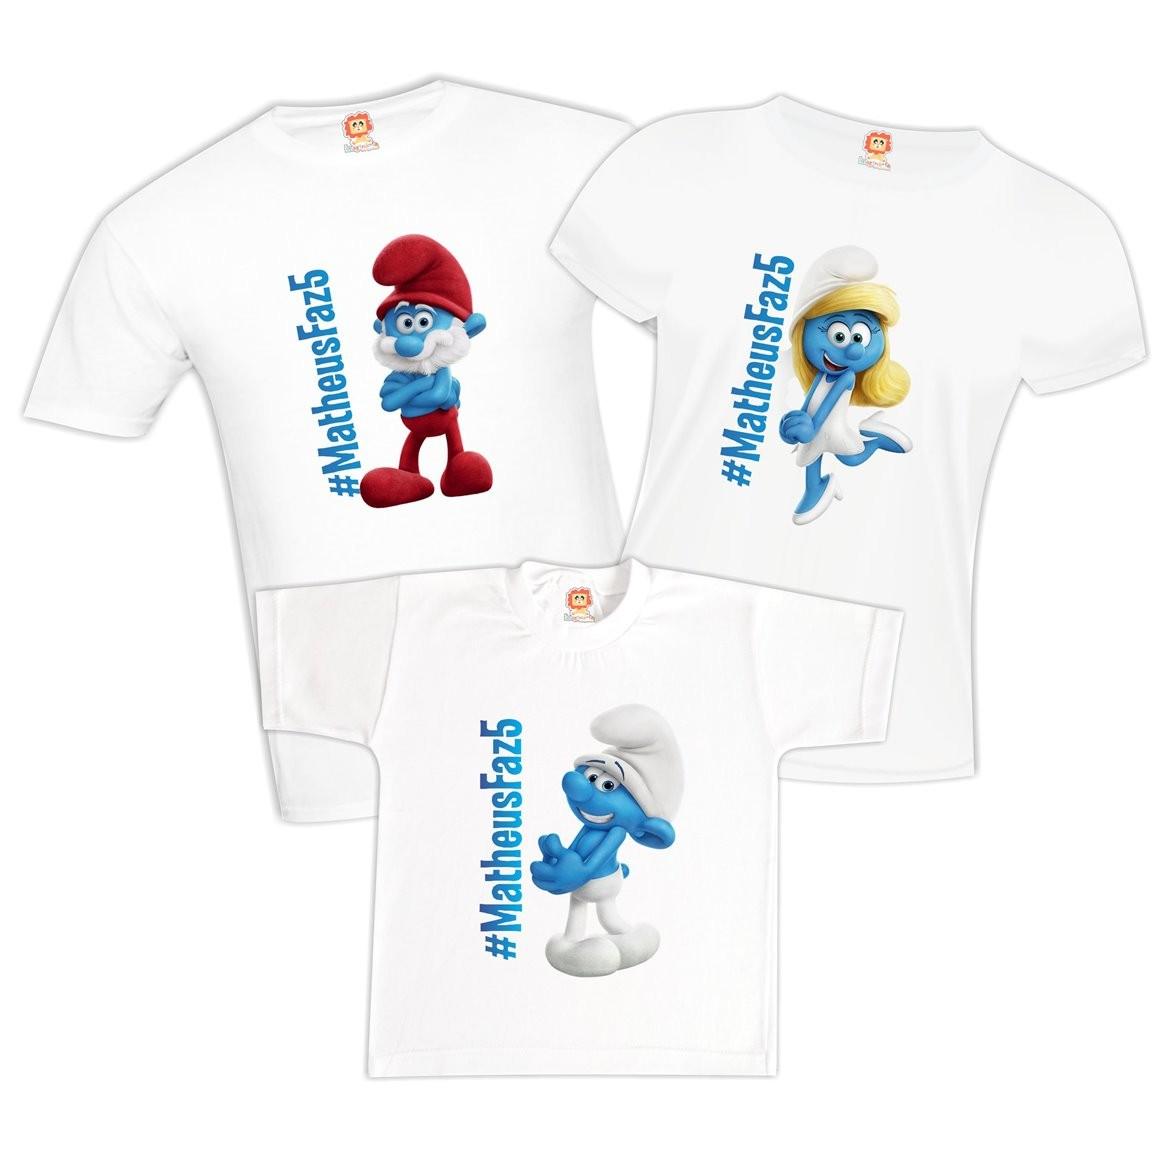 Camisetas de Aniversário Smurfs